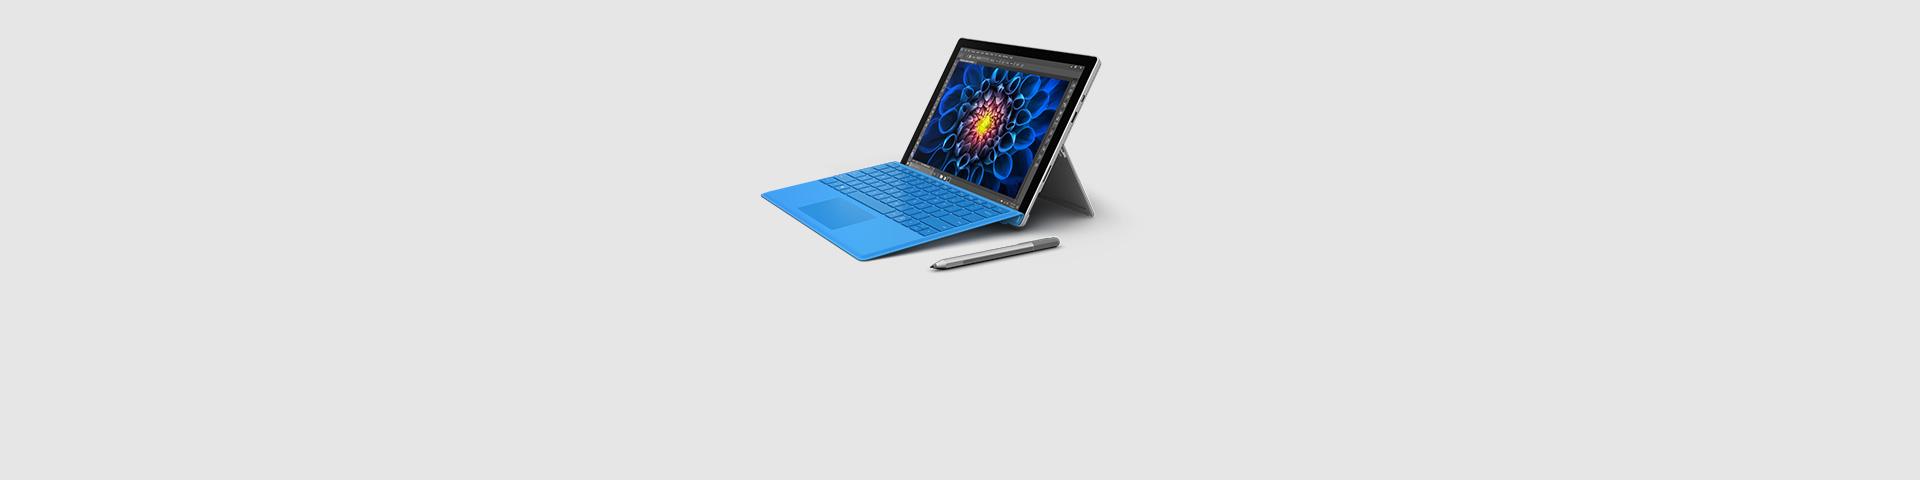 Un dispositivo Surface Pro 4